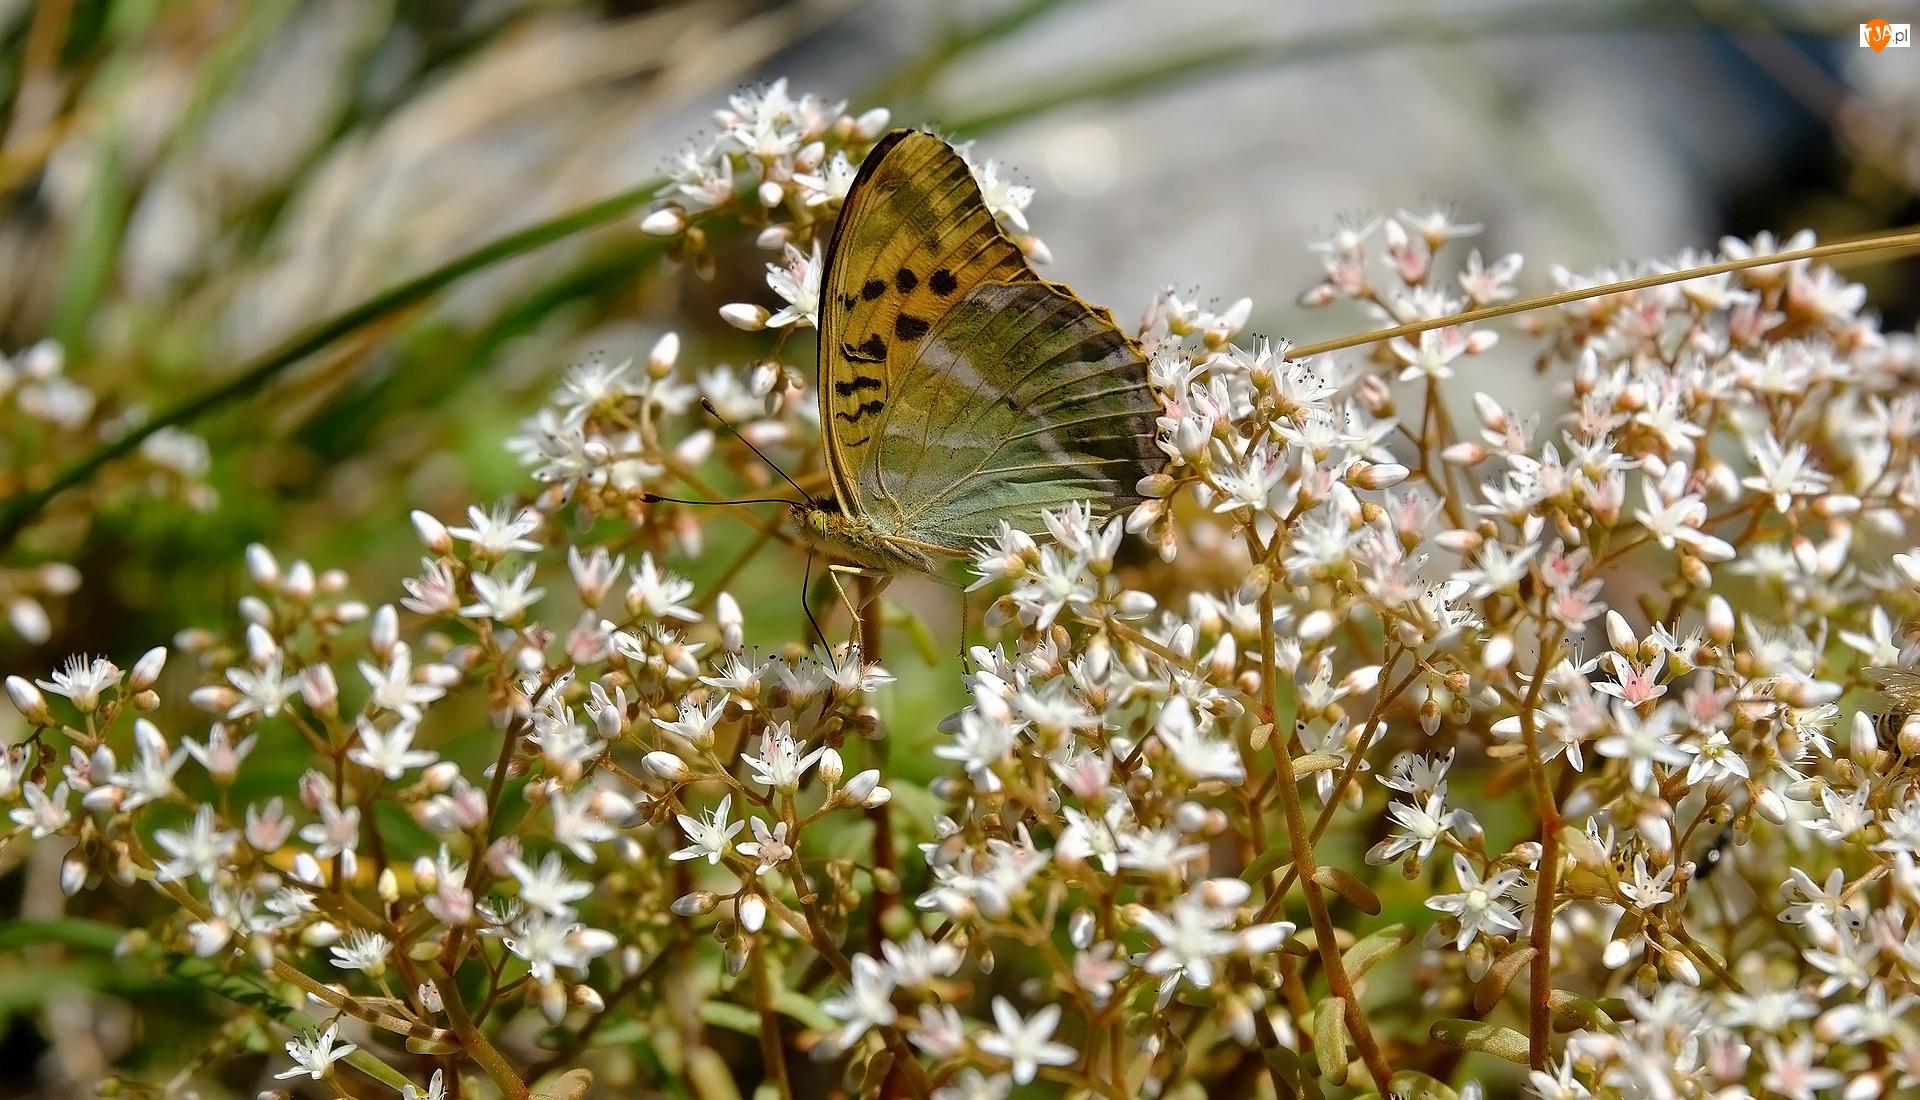 Białe, Kwiaty, Roślina, Motyl, Drobne